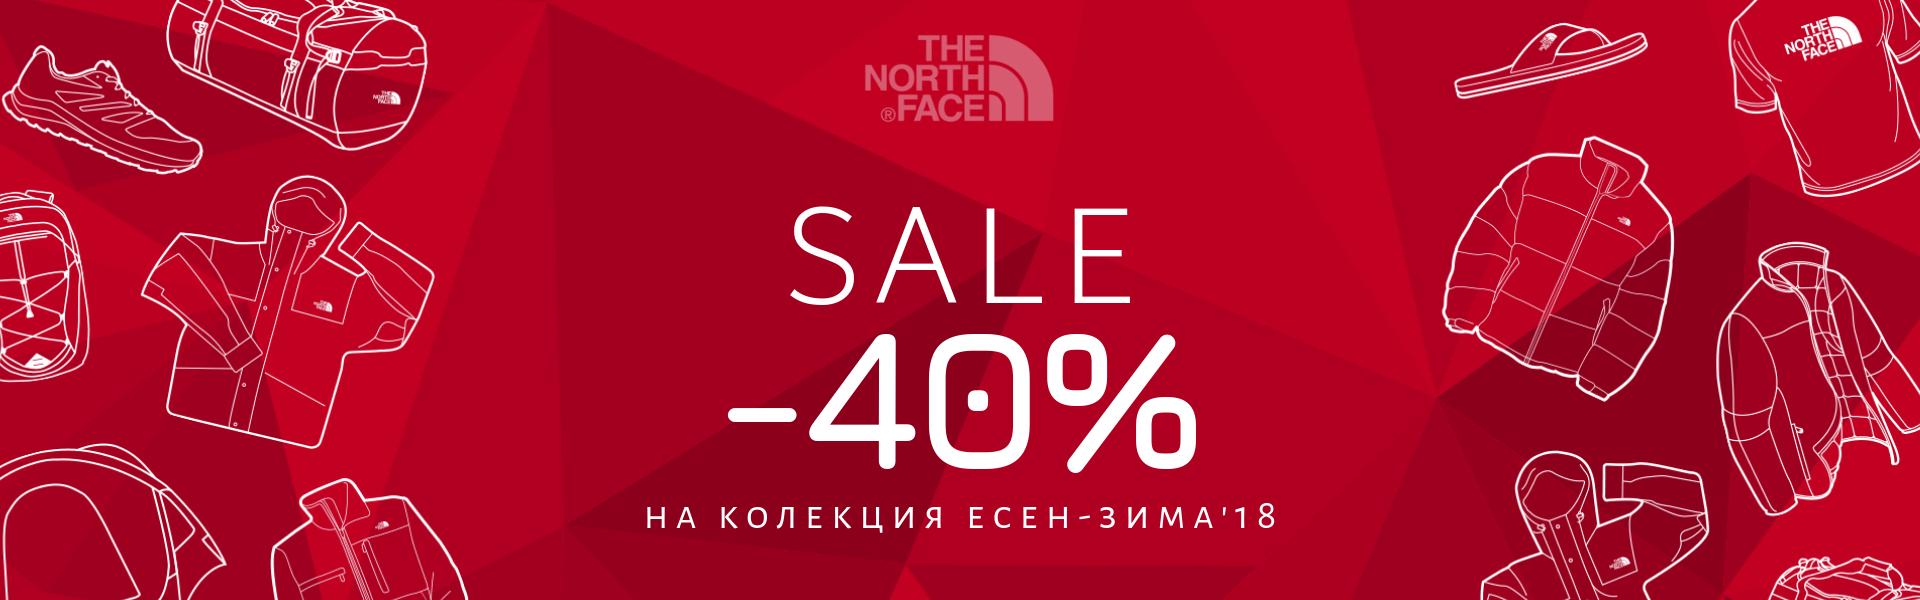 TNF_F18_40%